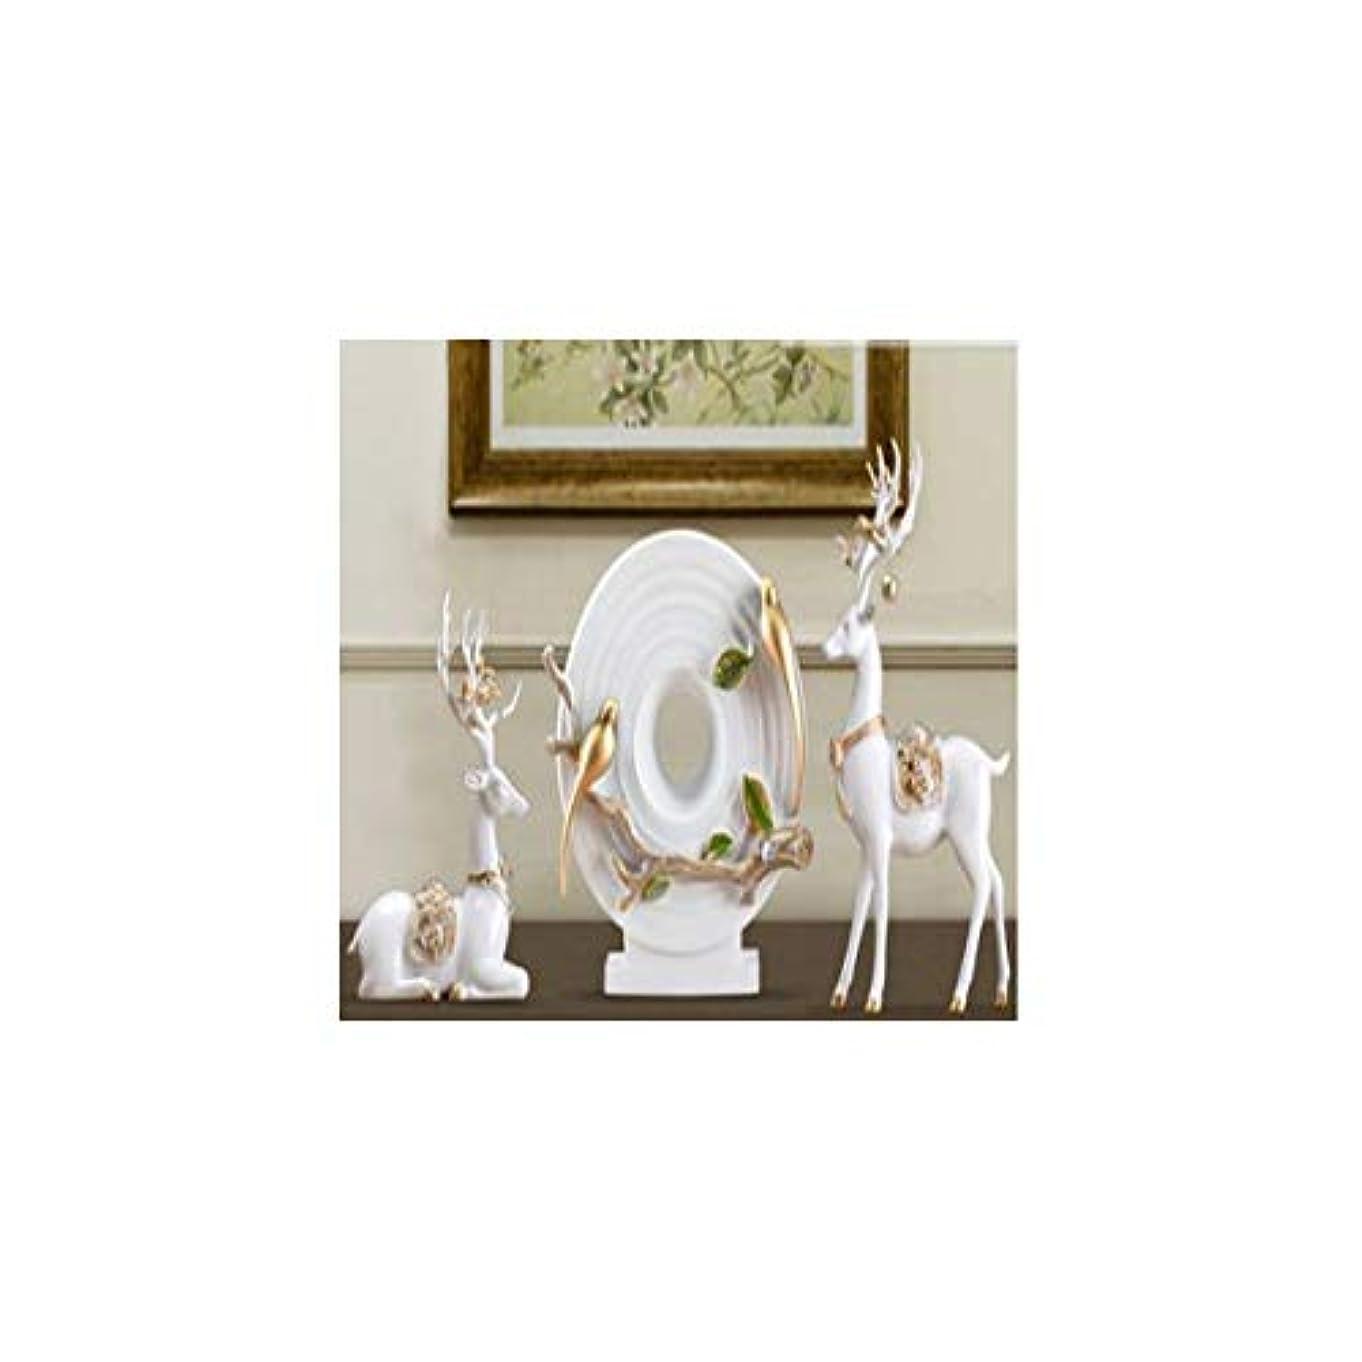 反応する剪断ブートChengjinxiang クリエイティブアメリカン鹿の装飾品花瓶リビングルーム新しい家の結婚式のギフトワインキャビネットテレビキャビネットホームソフト装飾家具,クリエイティブギフト (Color : D)